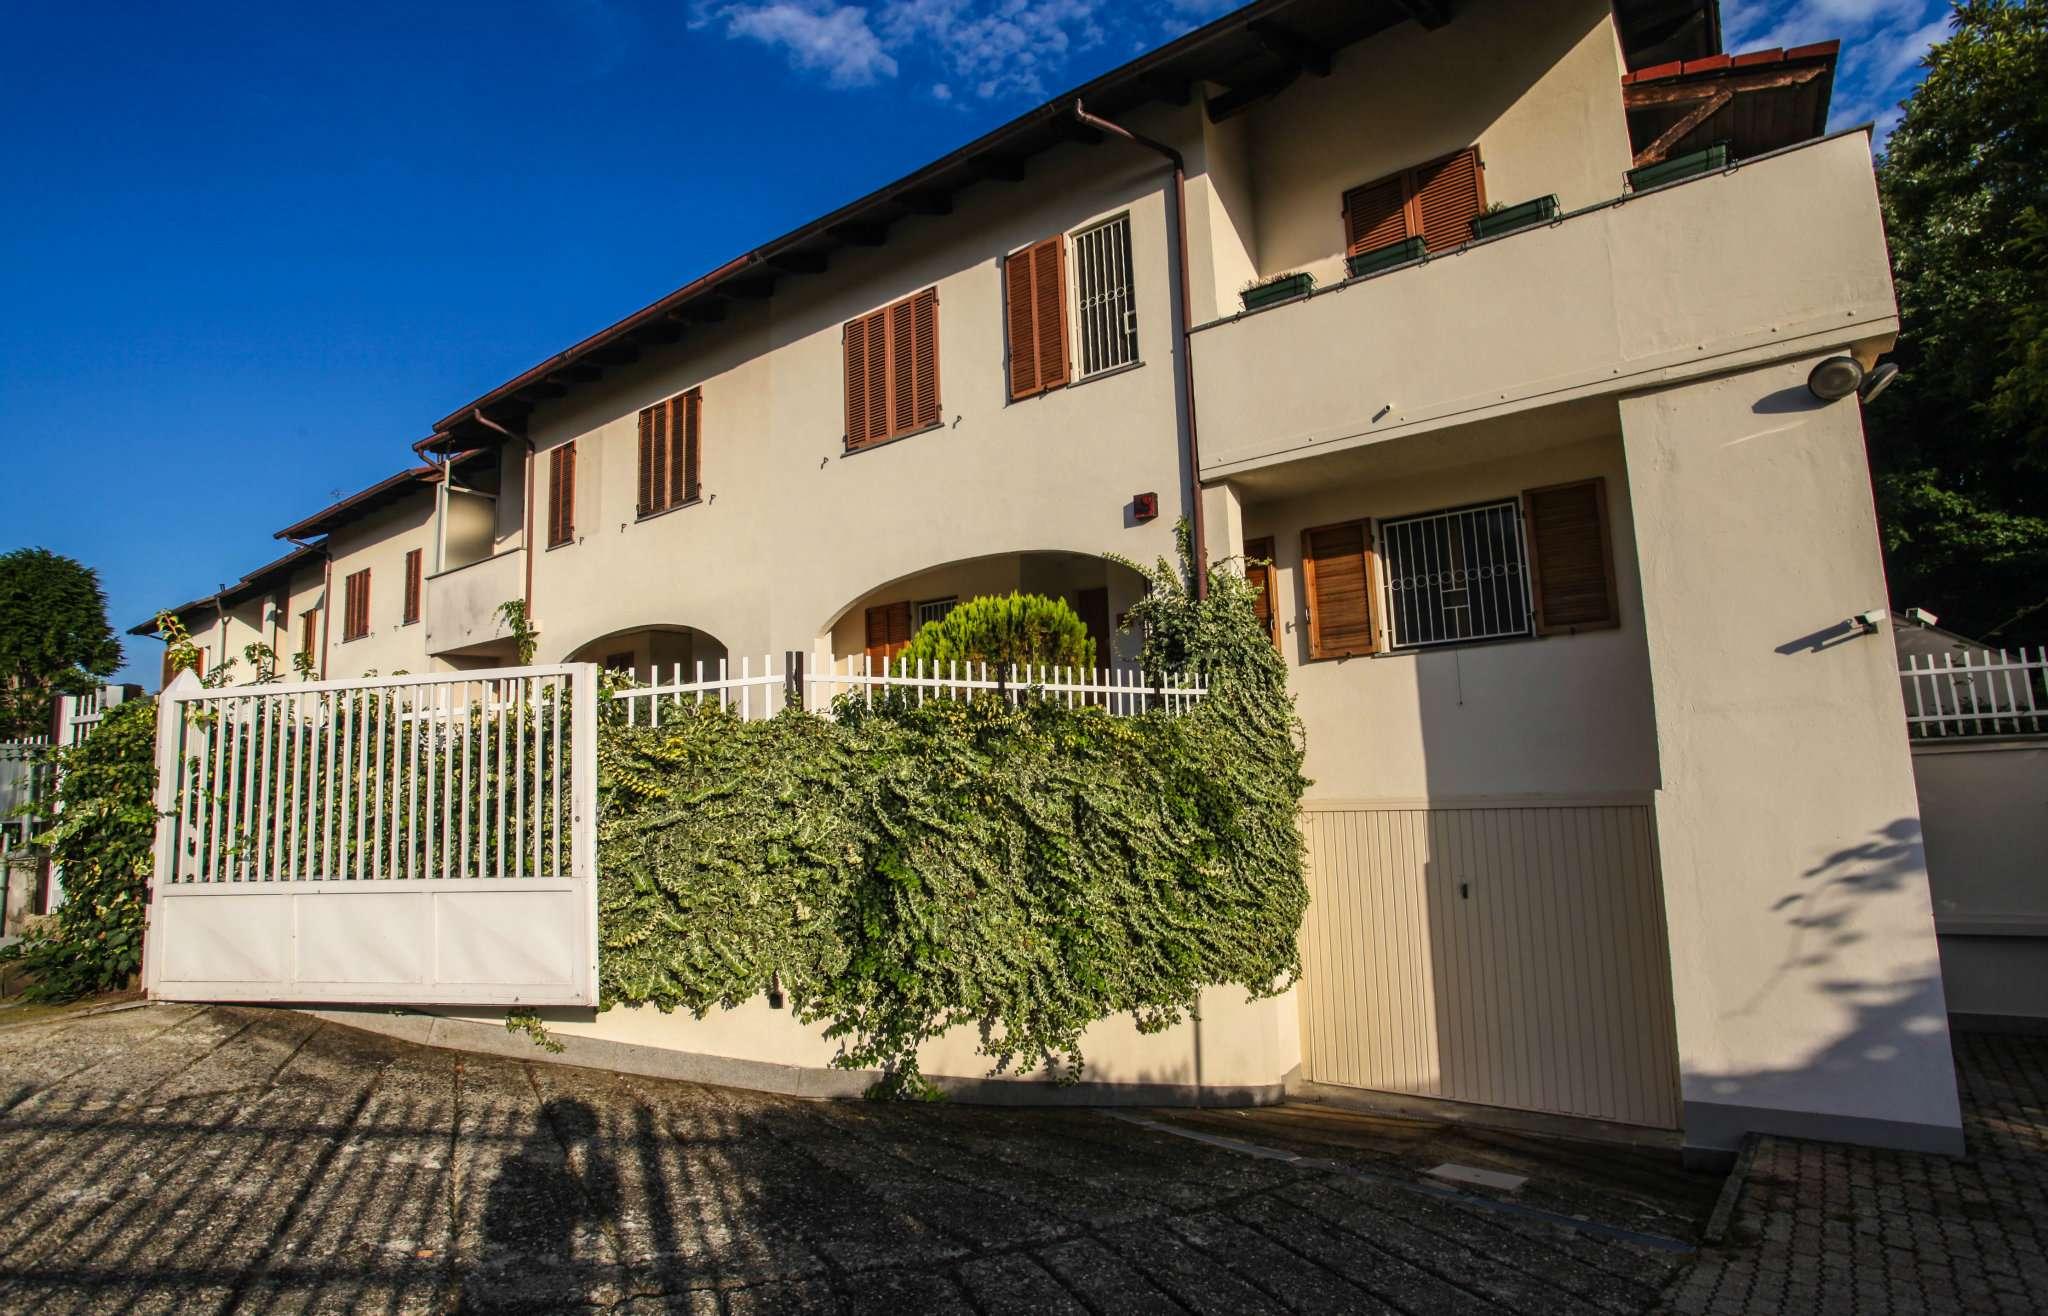 Villa Bifamiliare in vendita a Baldissero Canavese, 7 locali, prezzo € 299.000 | CambioCasa.it